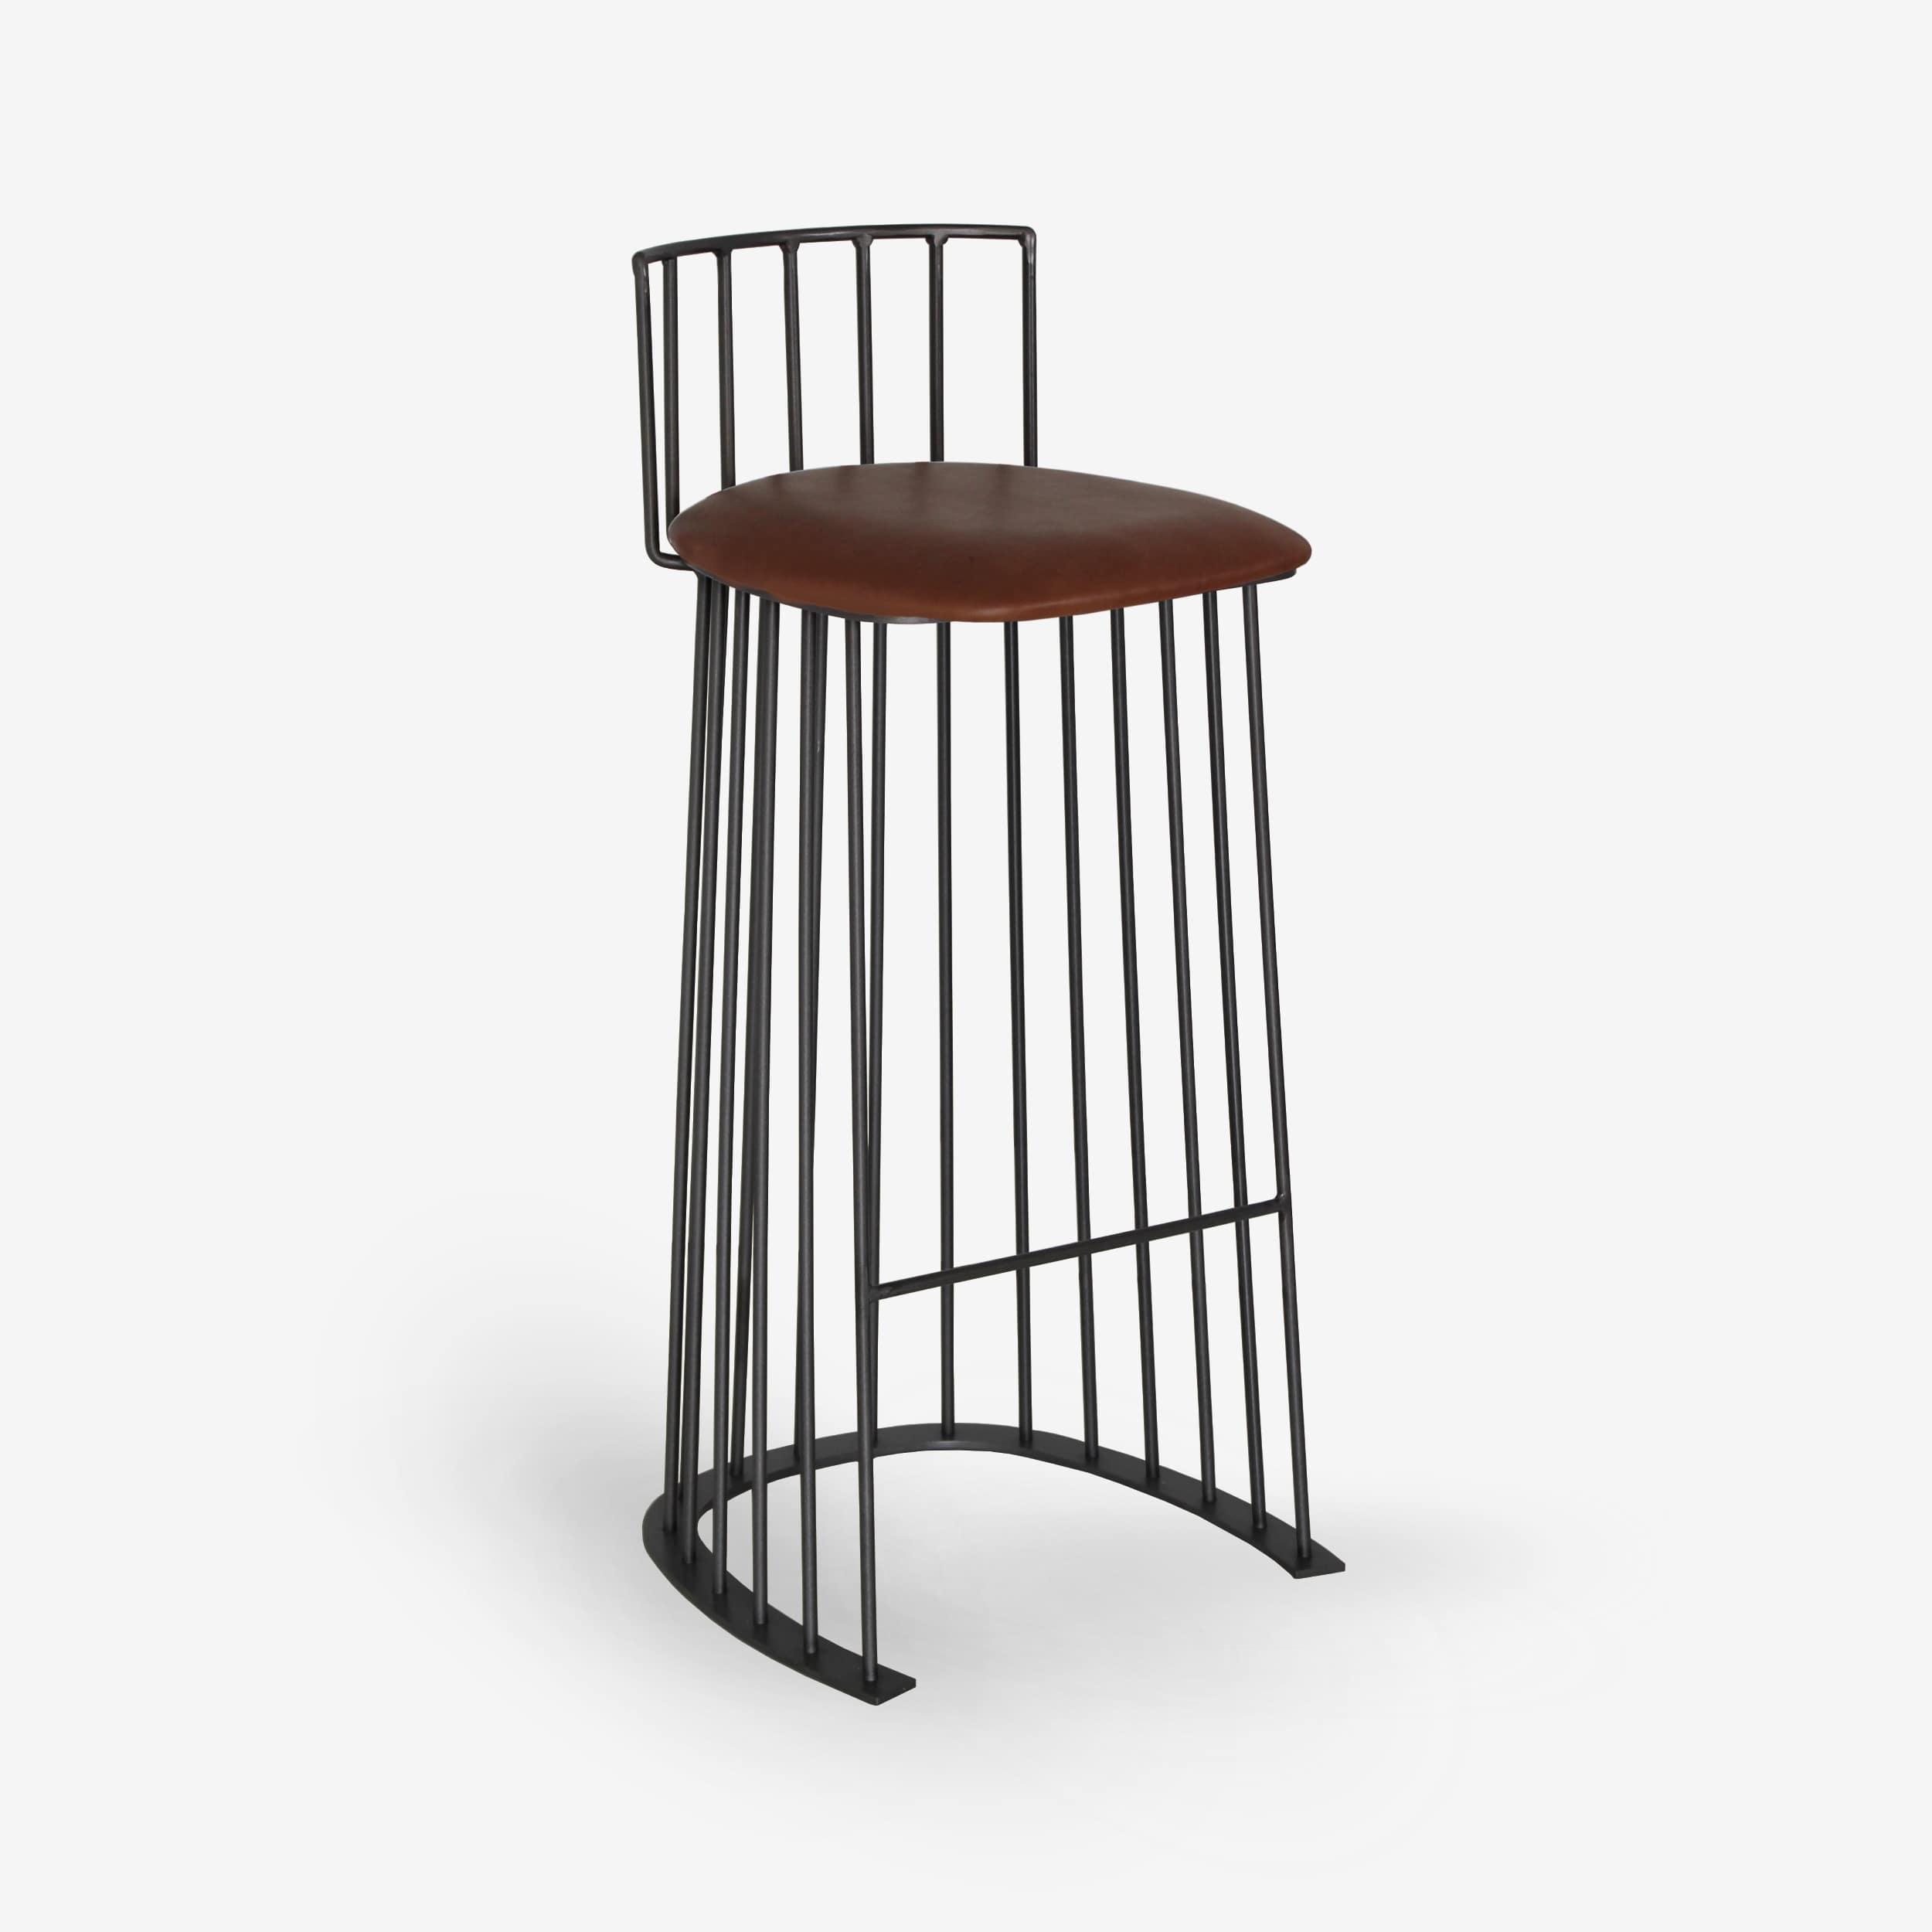 produzione-sgabelli-in-metallo-sgabelli-in-ecopelle-per-arredamento-ristoranti-arredamento-bar-arredo-alberghi-arredo-negozi-uffici-sgabelli-per-arredamento-contract-c3b